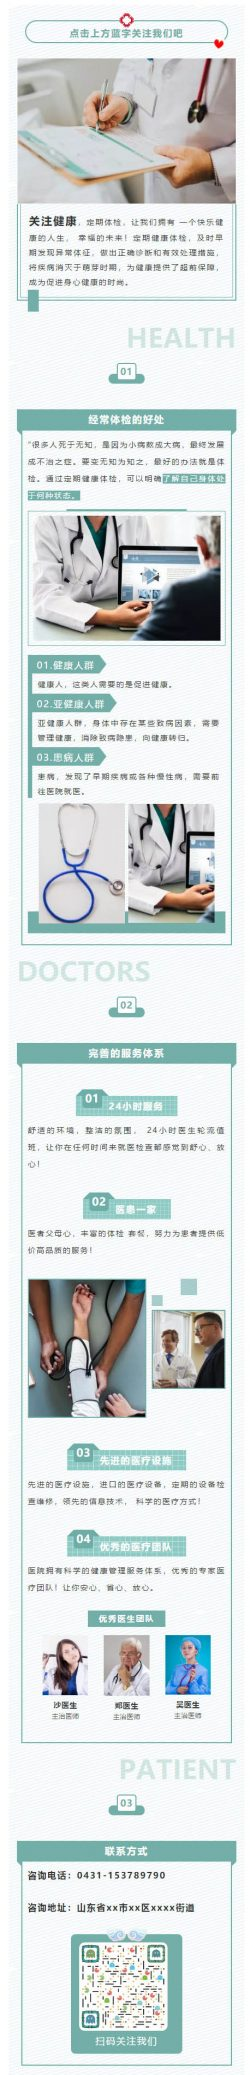 医疗健康医院护士医生微信模板微信公众号素材